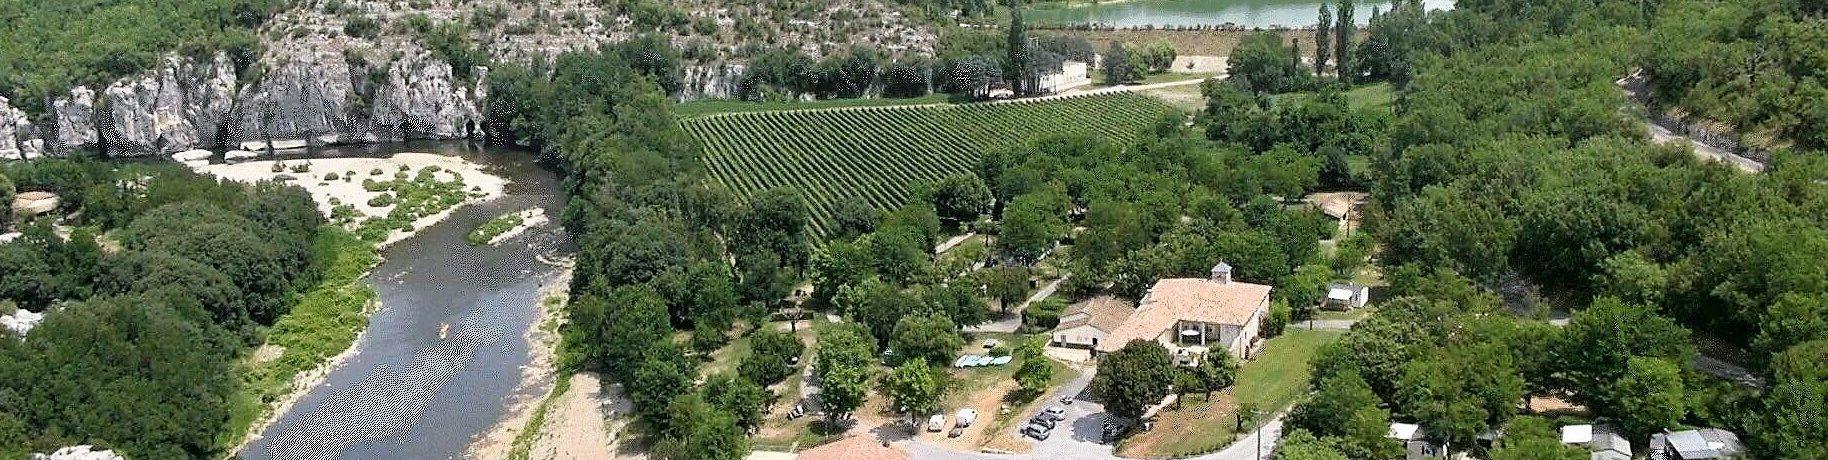 Camping Mazet Plage is een rustige familiecamping in de Ardèche met zwembad gelegen aan de rivier Le Chassezac.